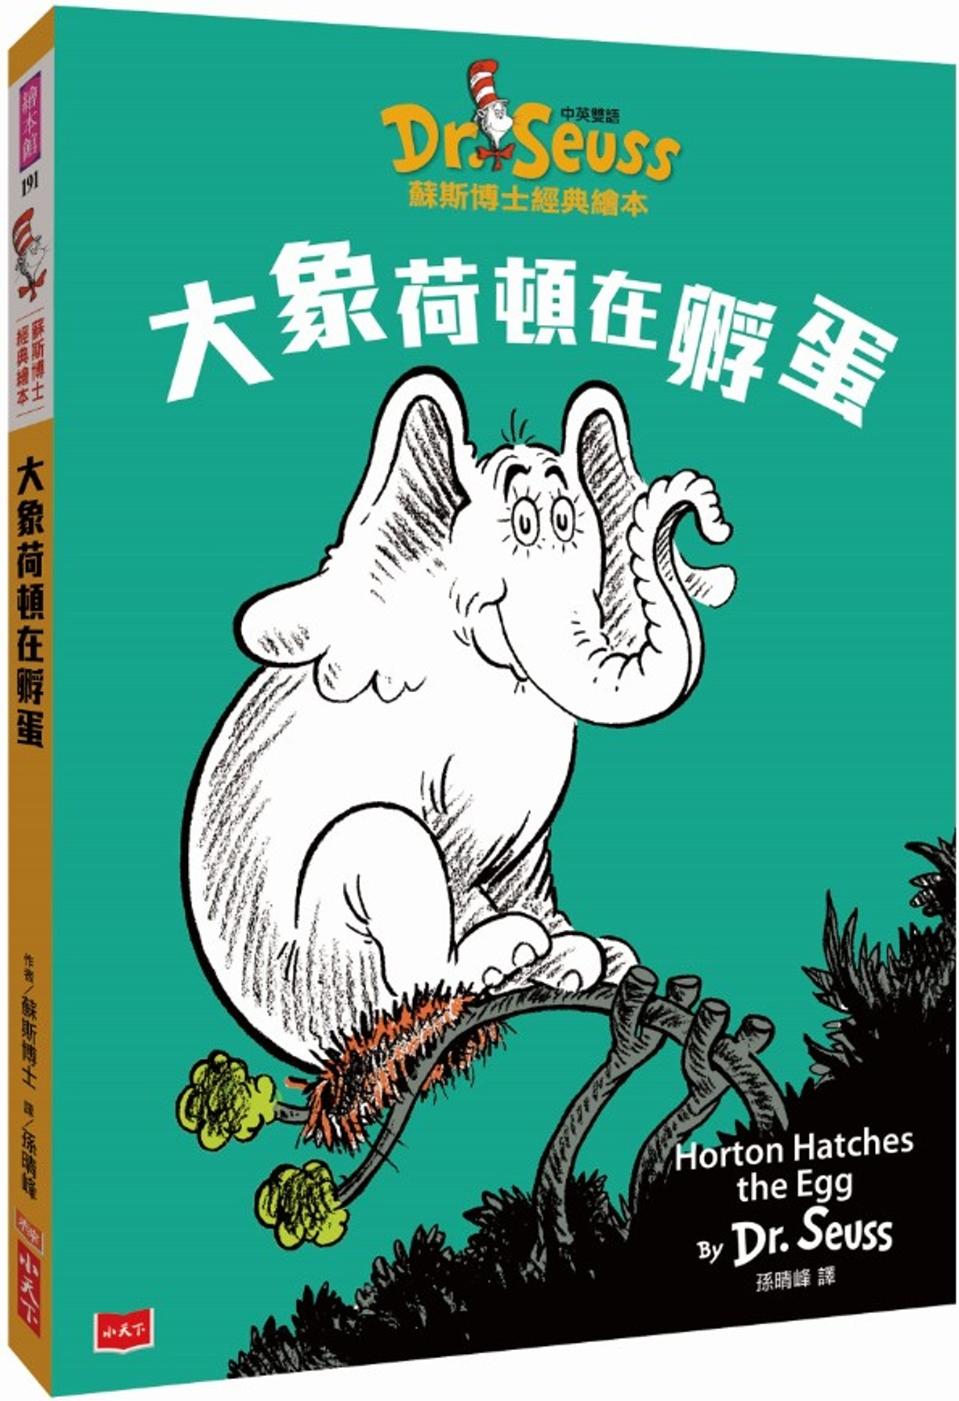 ◤博客來BOOKS◢ 暢銷書榜《推薦》大象荷頓在孵蛋Horton Hatches the Egg (中英雙語版):蘇斯博士經典繪本